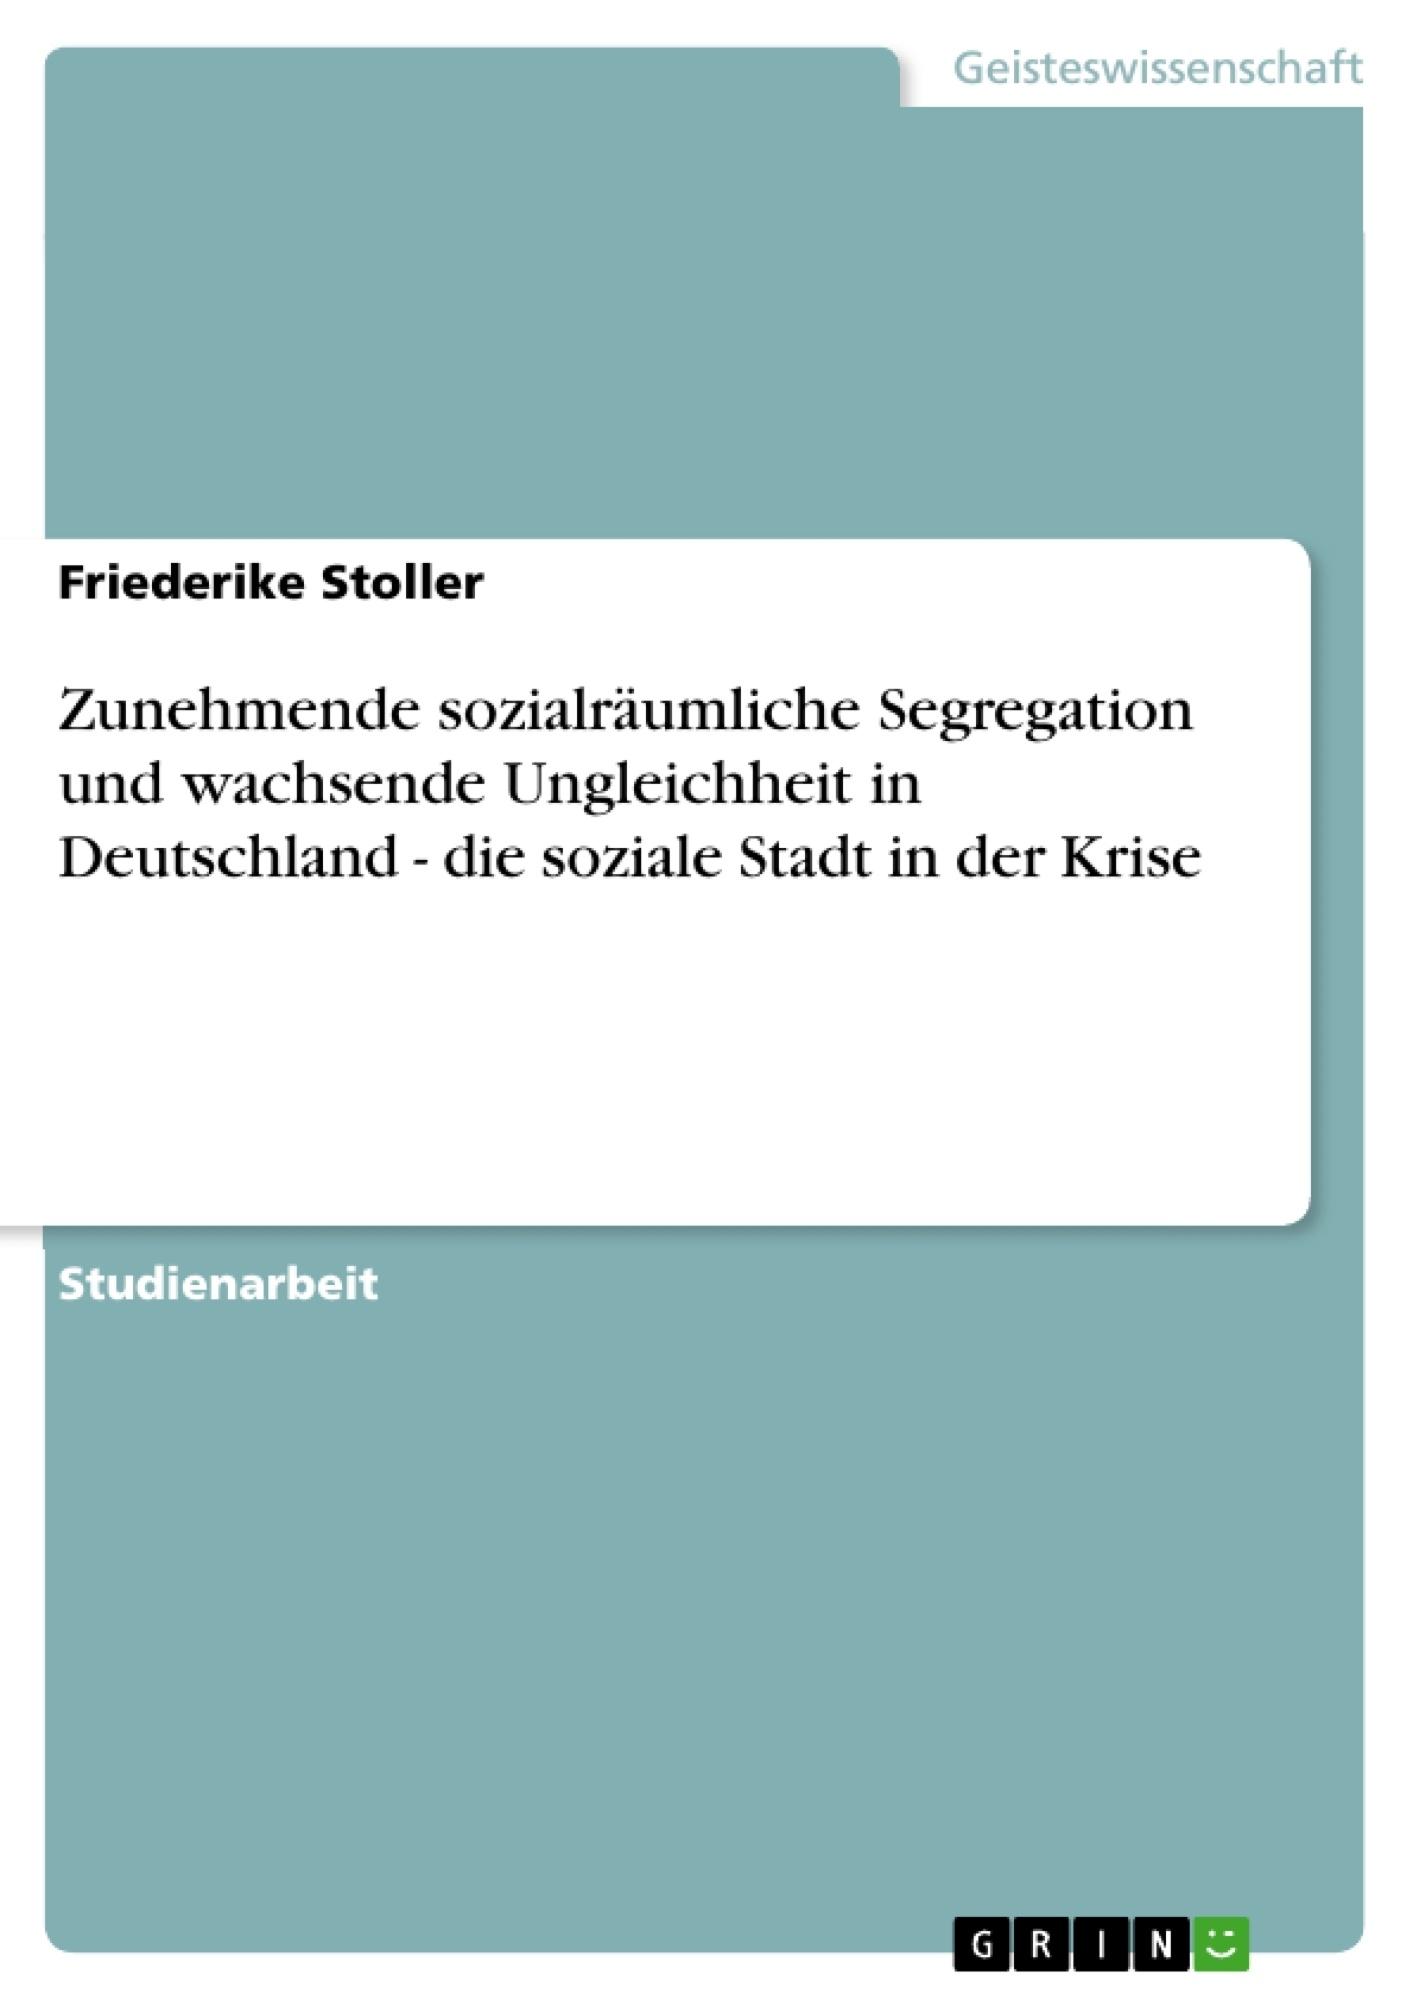 Titel: Zunehmende sozialräumliche Segregation und wachsende Ungleichheit in Deutschland - die soziale Stadt in der Krise